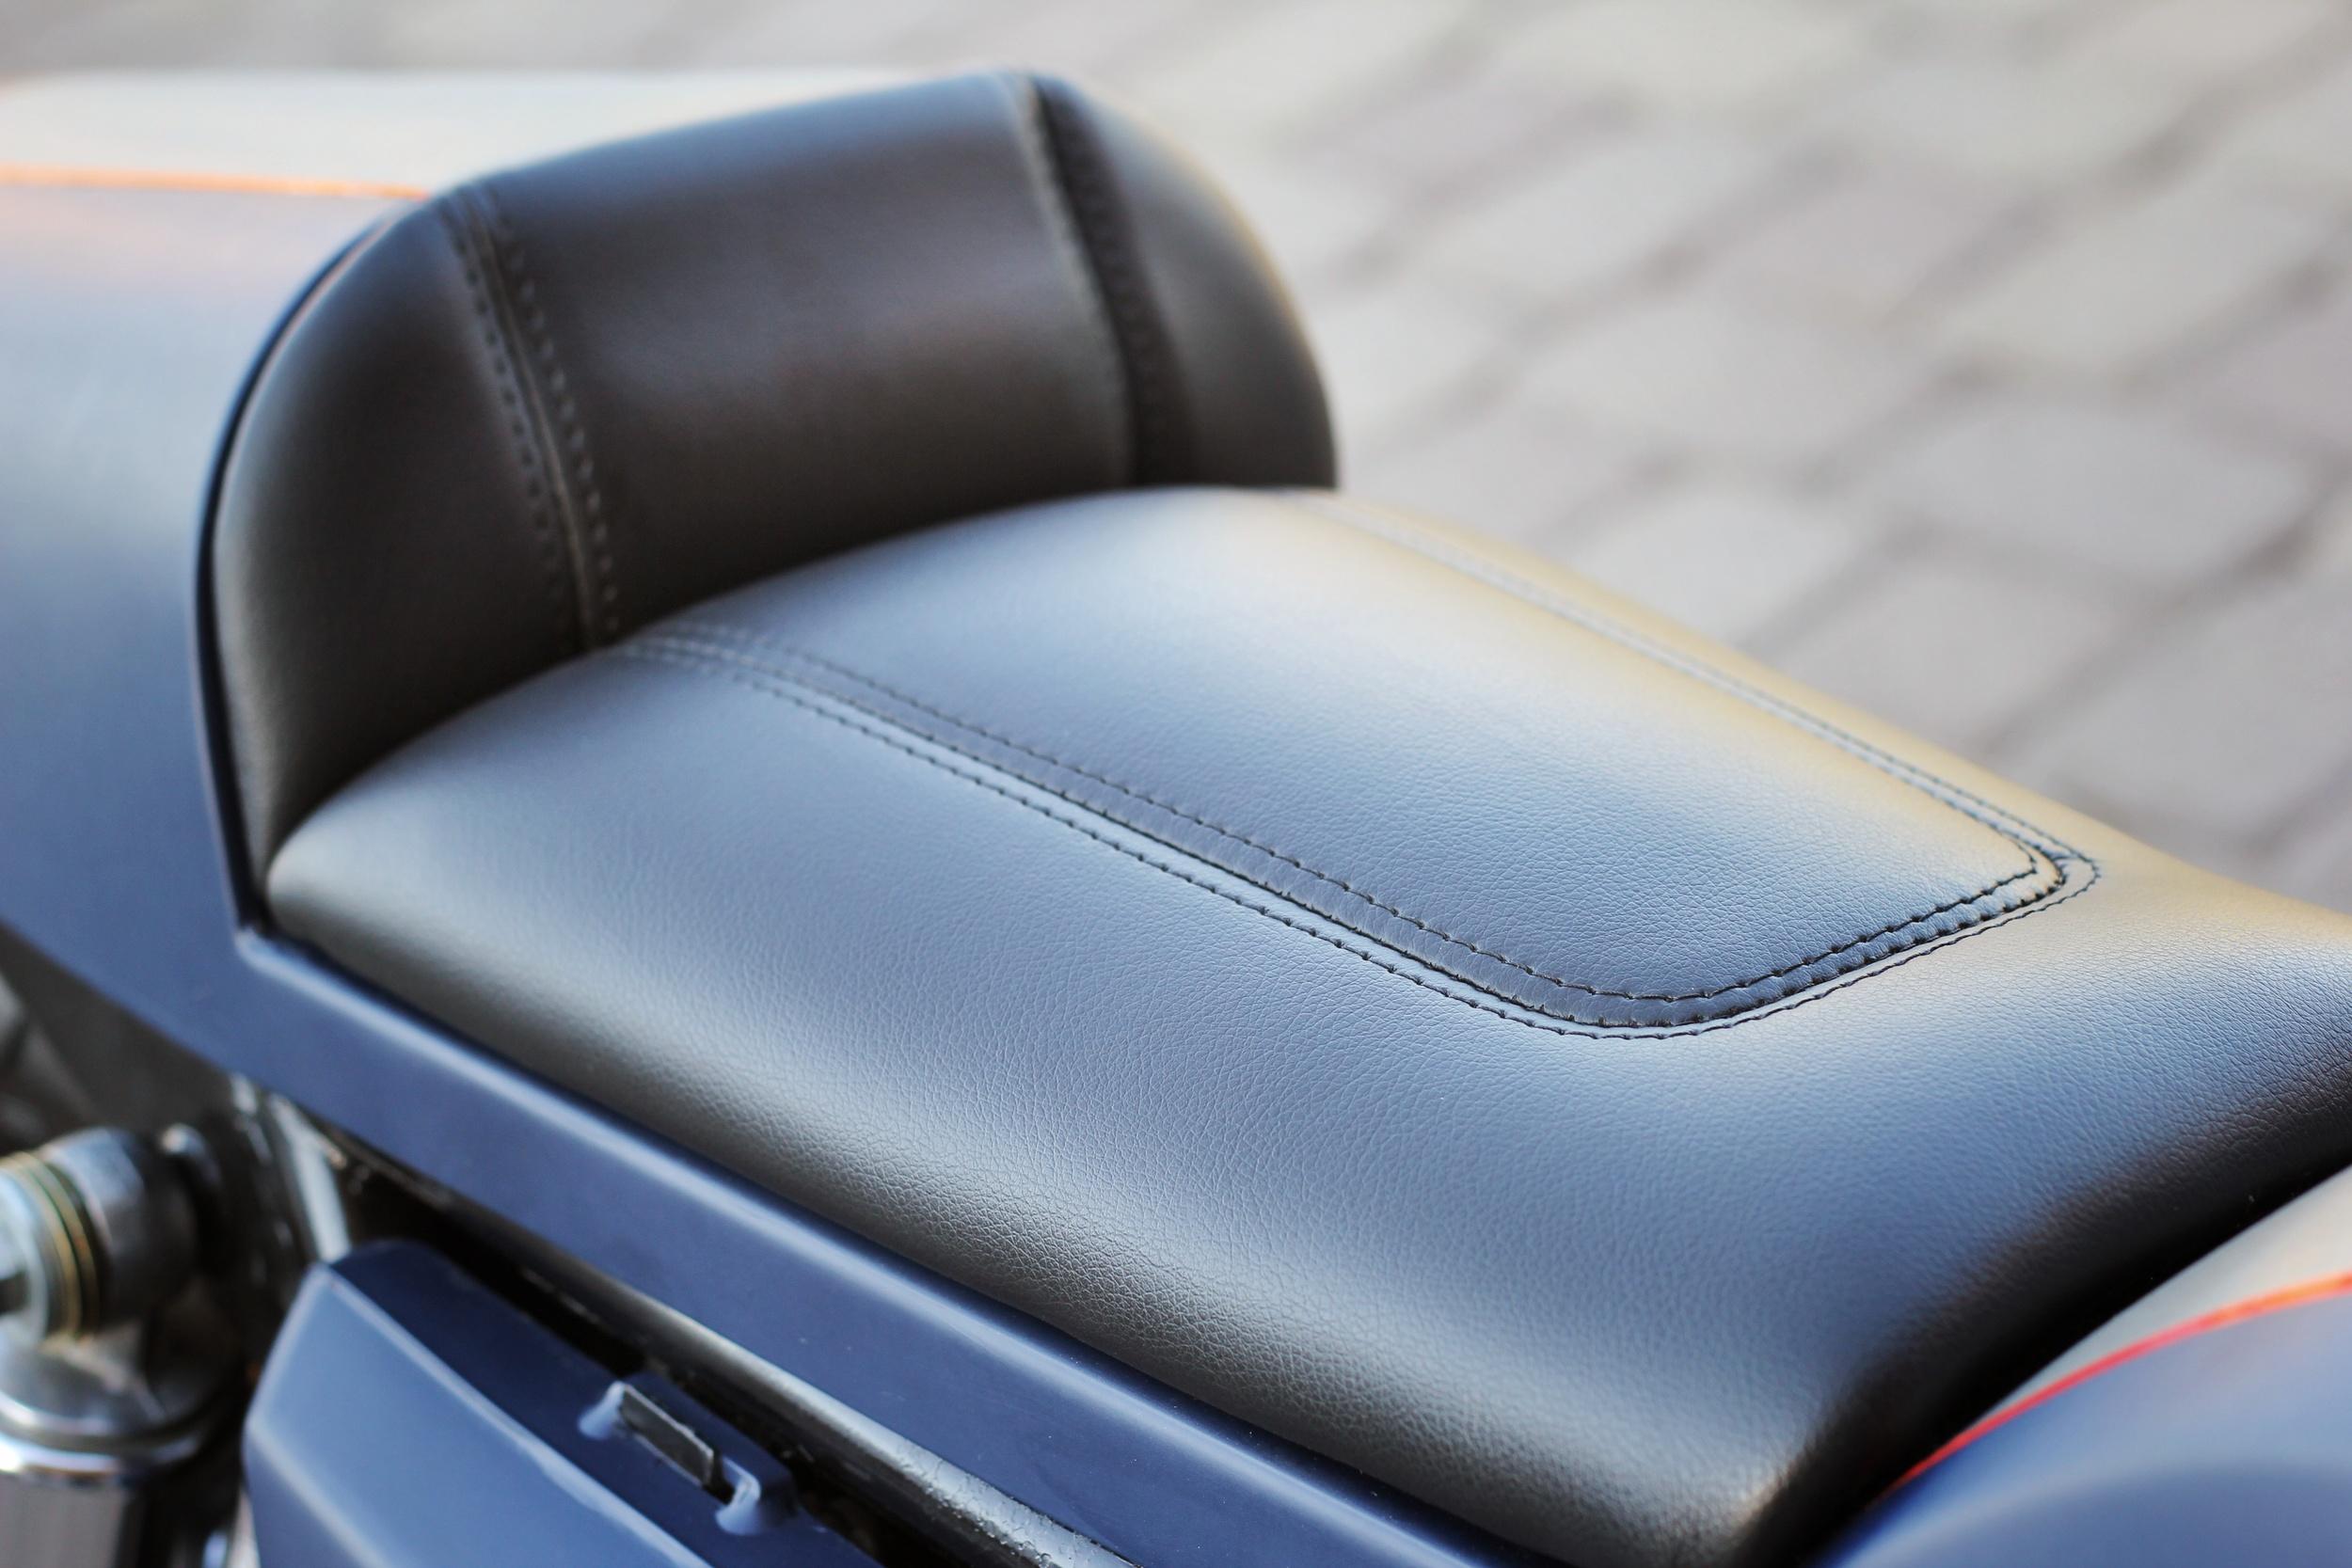 kz400_cafe_seat2.JPG